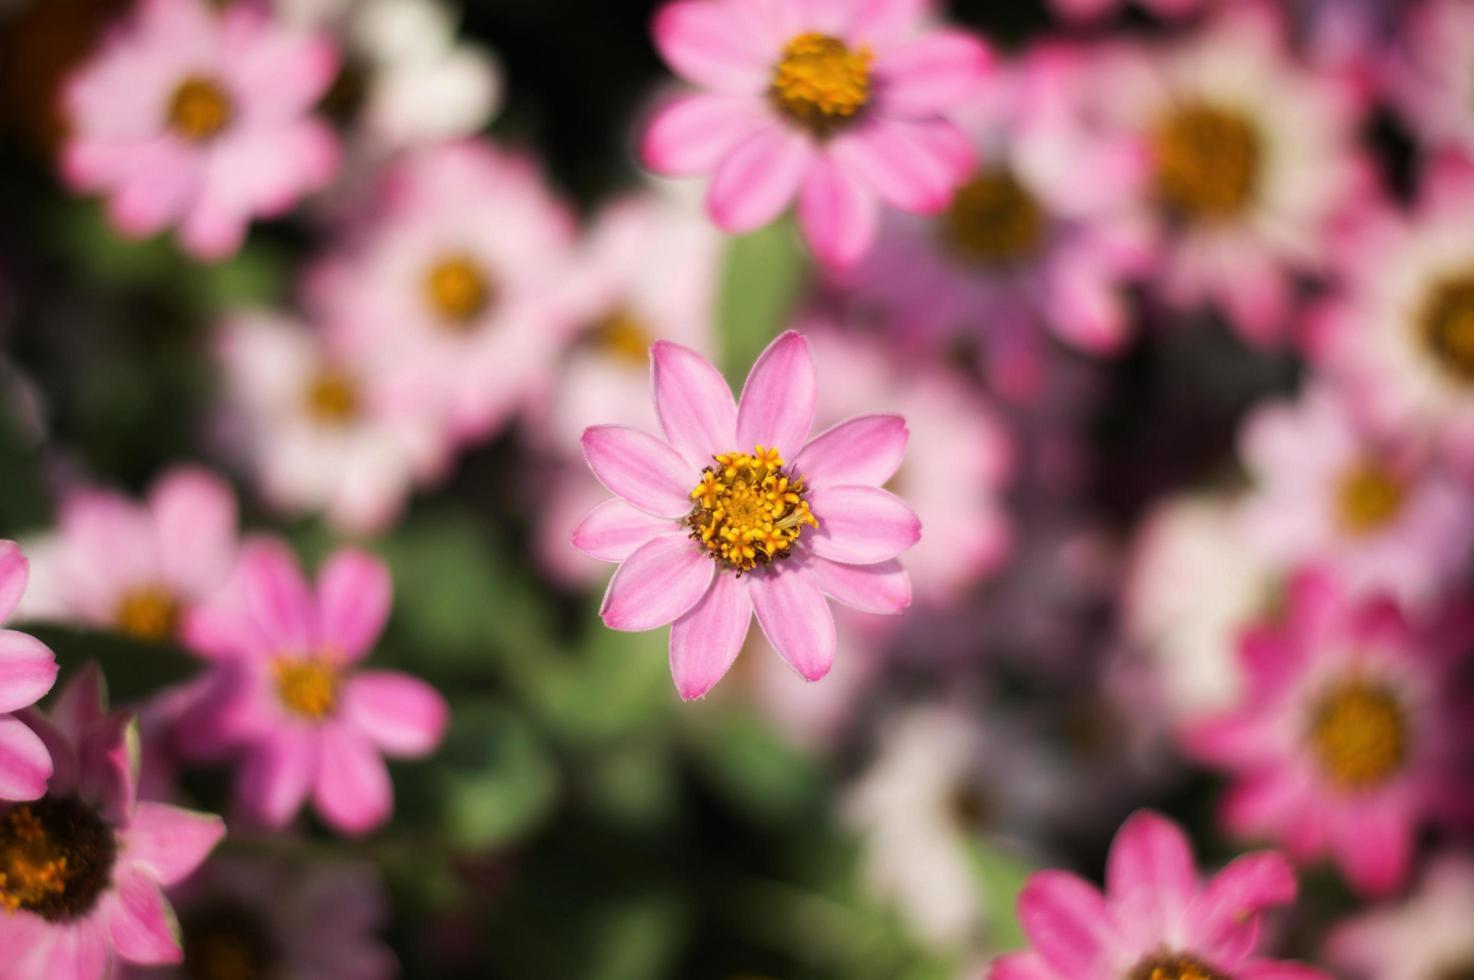 Pink flower in garden photo